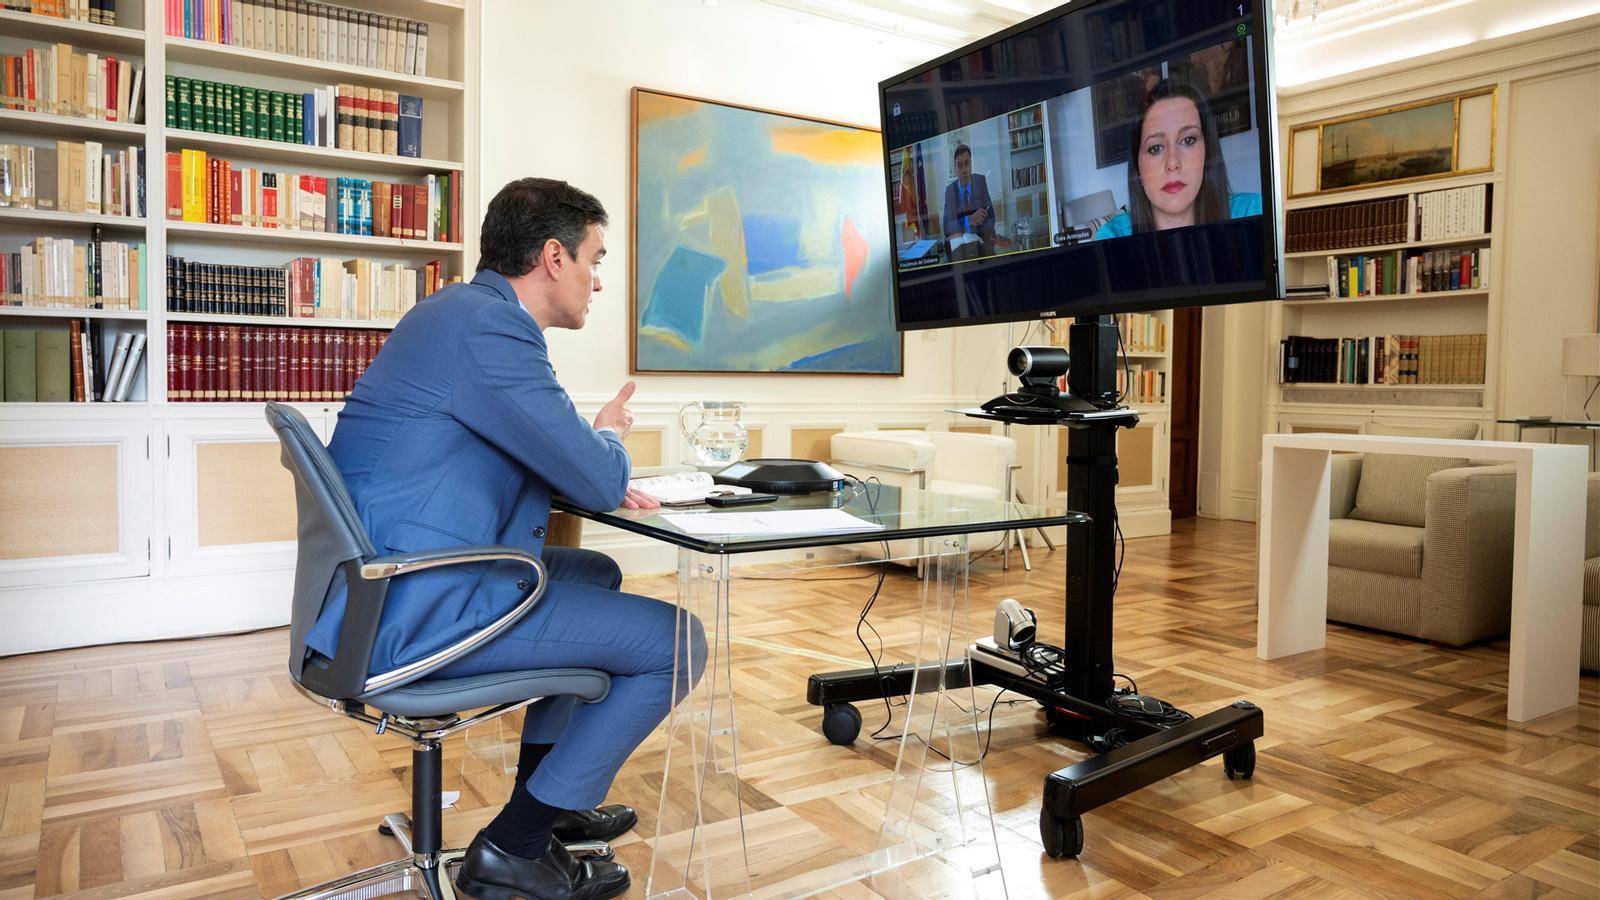 Arrimadas pacta amb Sánchez la pròrroga de l'estat d'alarma i Barcelona podria no entrar a la fase 1 dilluns que ve: les claus del dia, amb Antoni Bassas (06/05/2020)